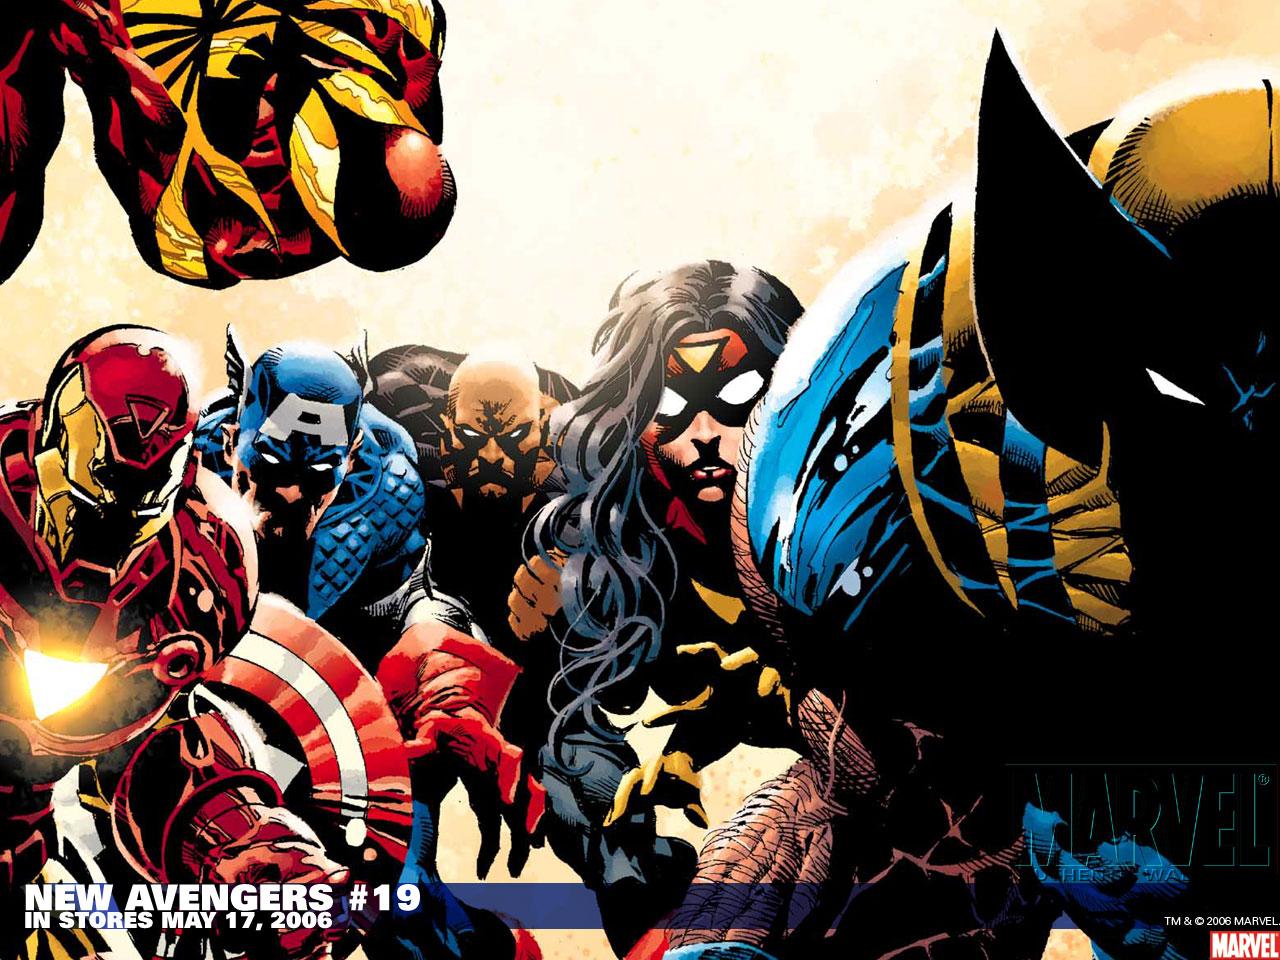 Popular   Wallpaper Home Screen Marvel - new-avengers-19  Image_29513.jpg